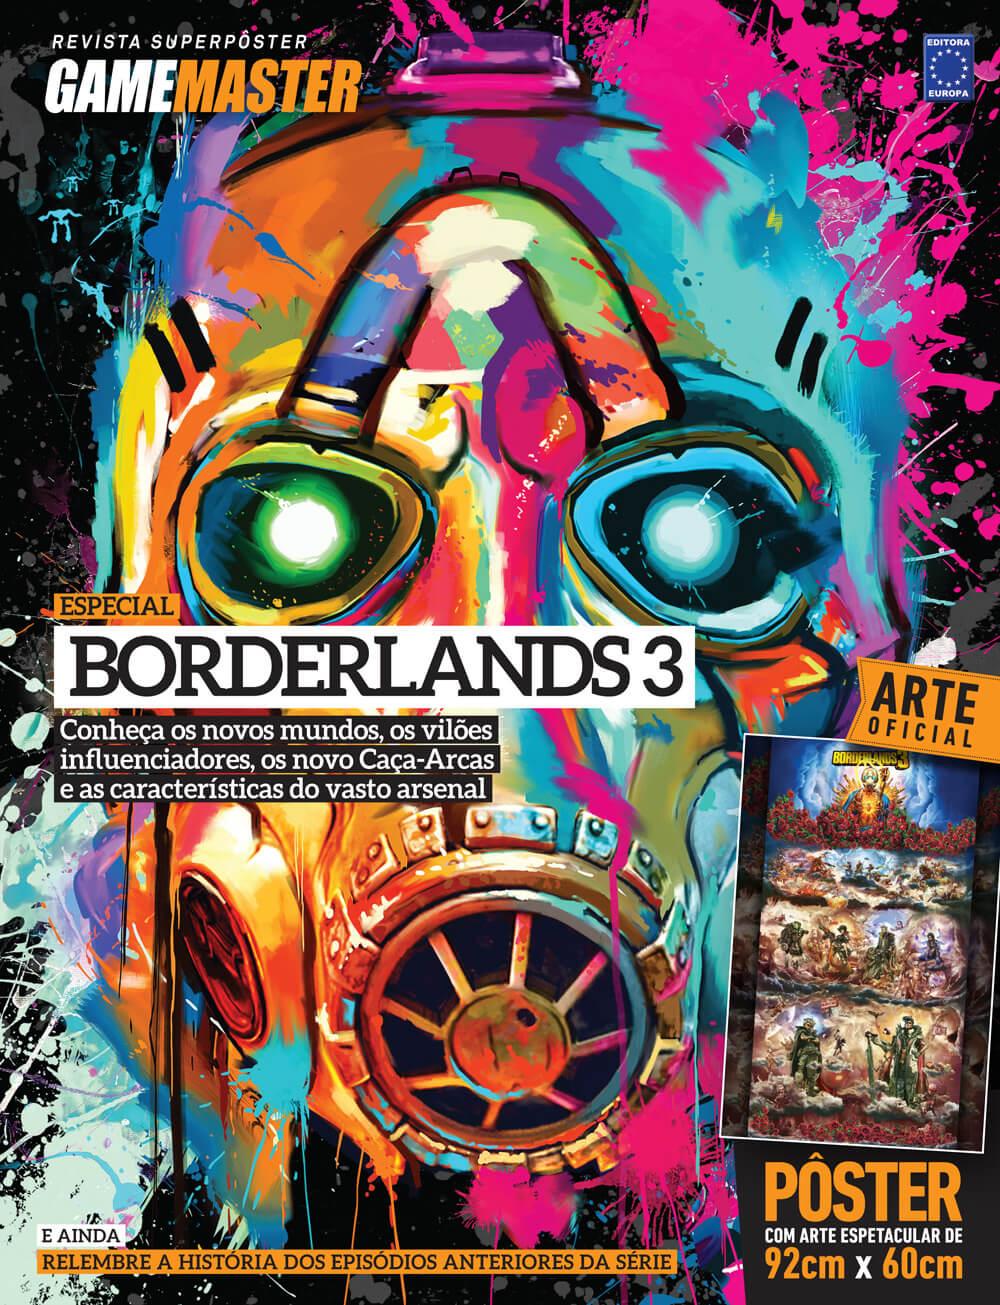 Revista Superpôster - Borderlands 3